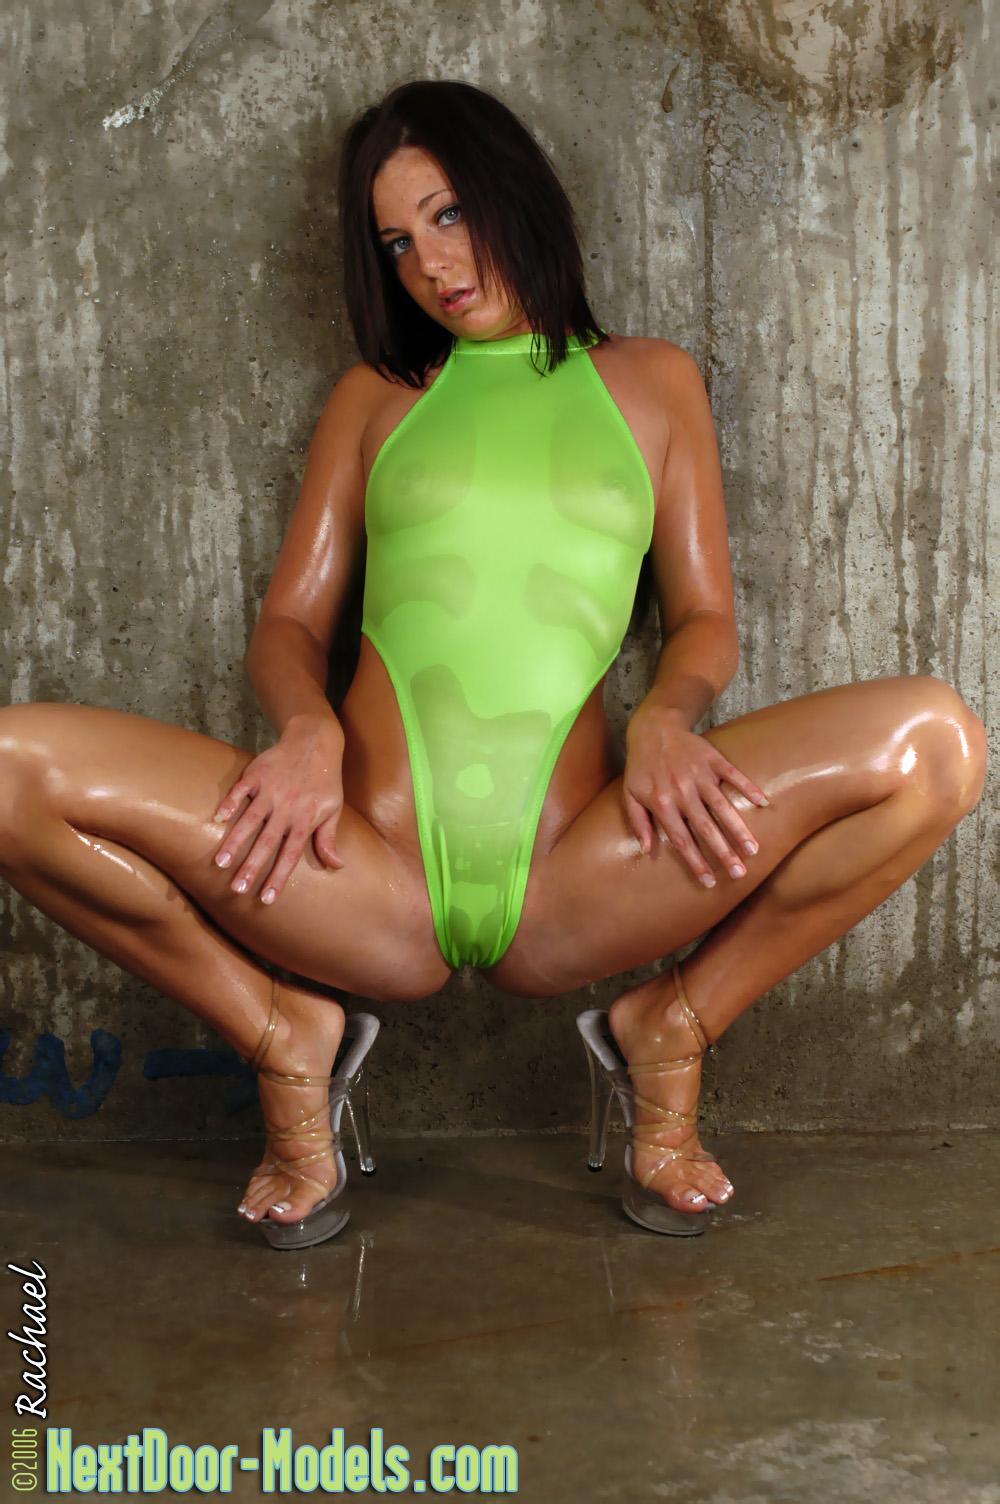 Ass booty photo